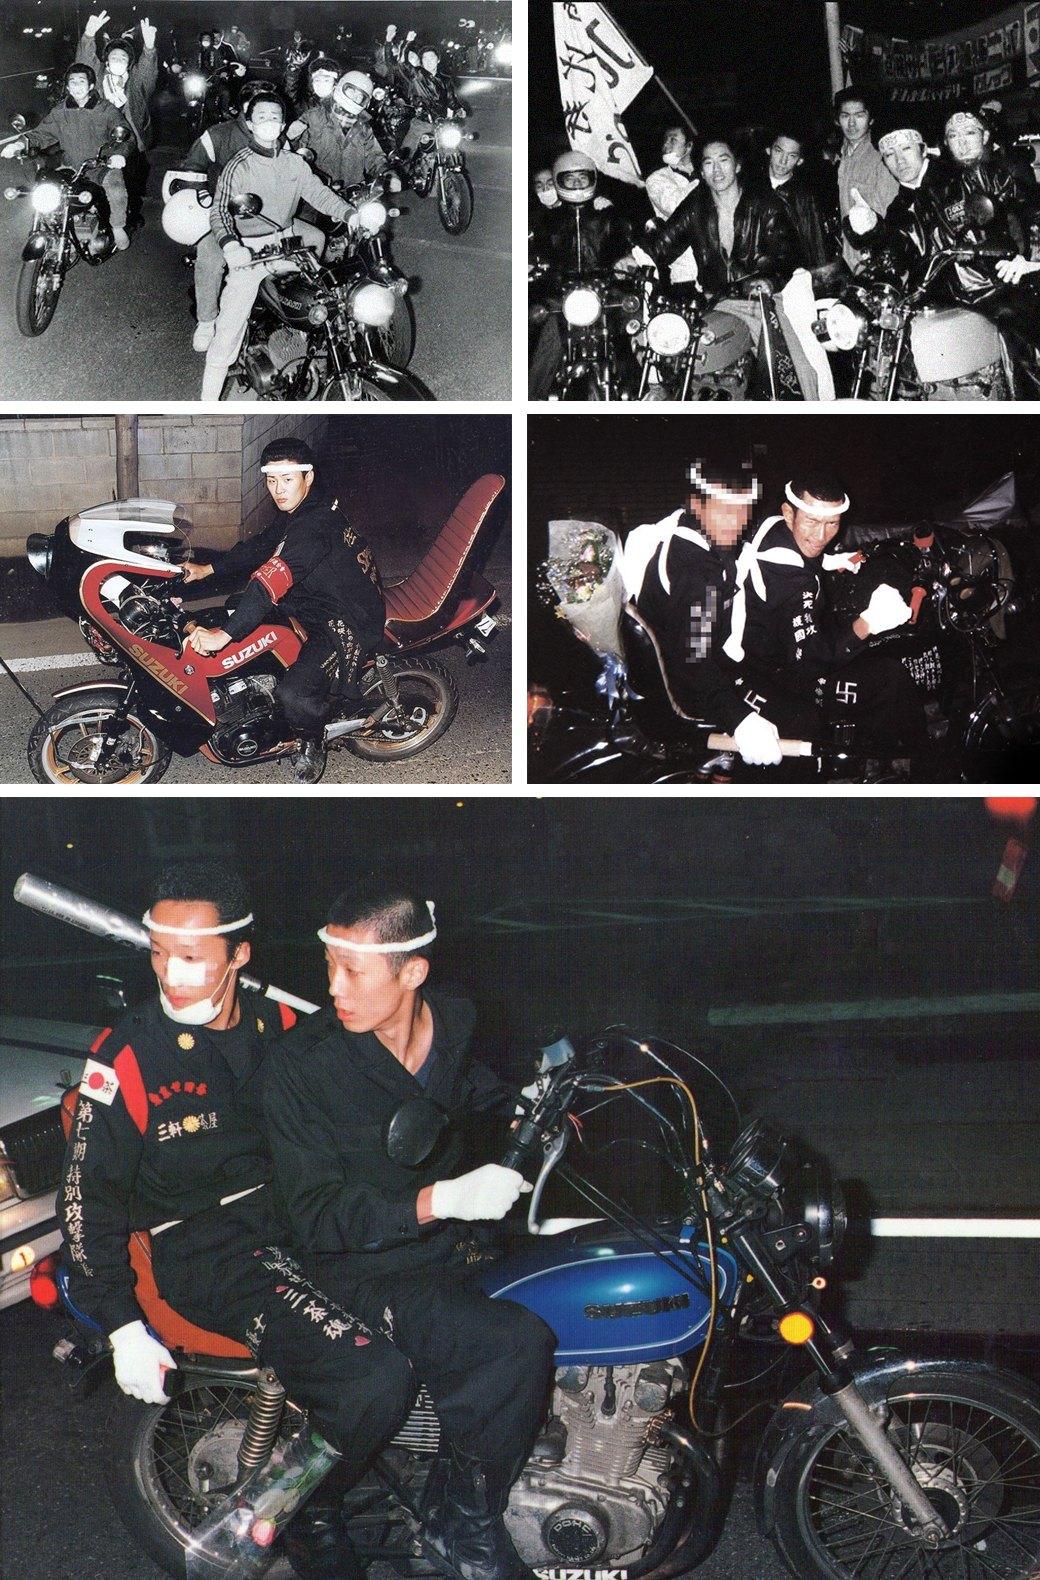 Якудза на колесах: Японская субкультура мотохулиганов — босодзоку. Изображение №1.